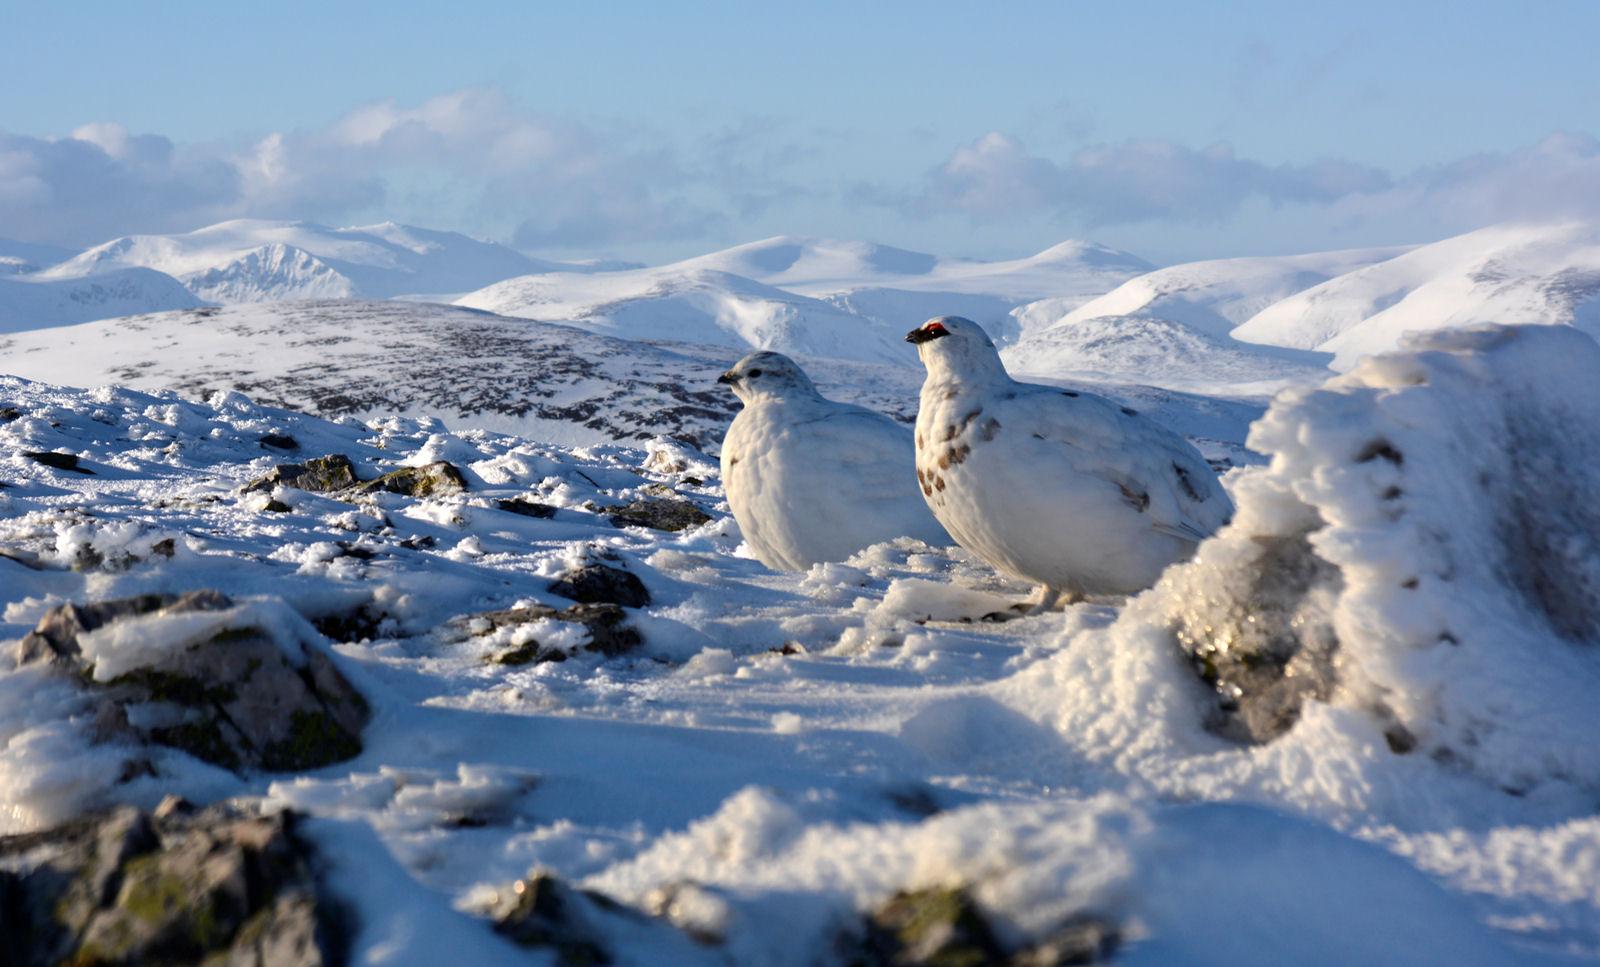 Winter ptarmigans